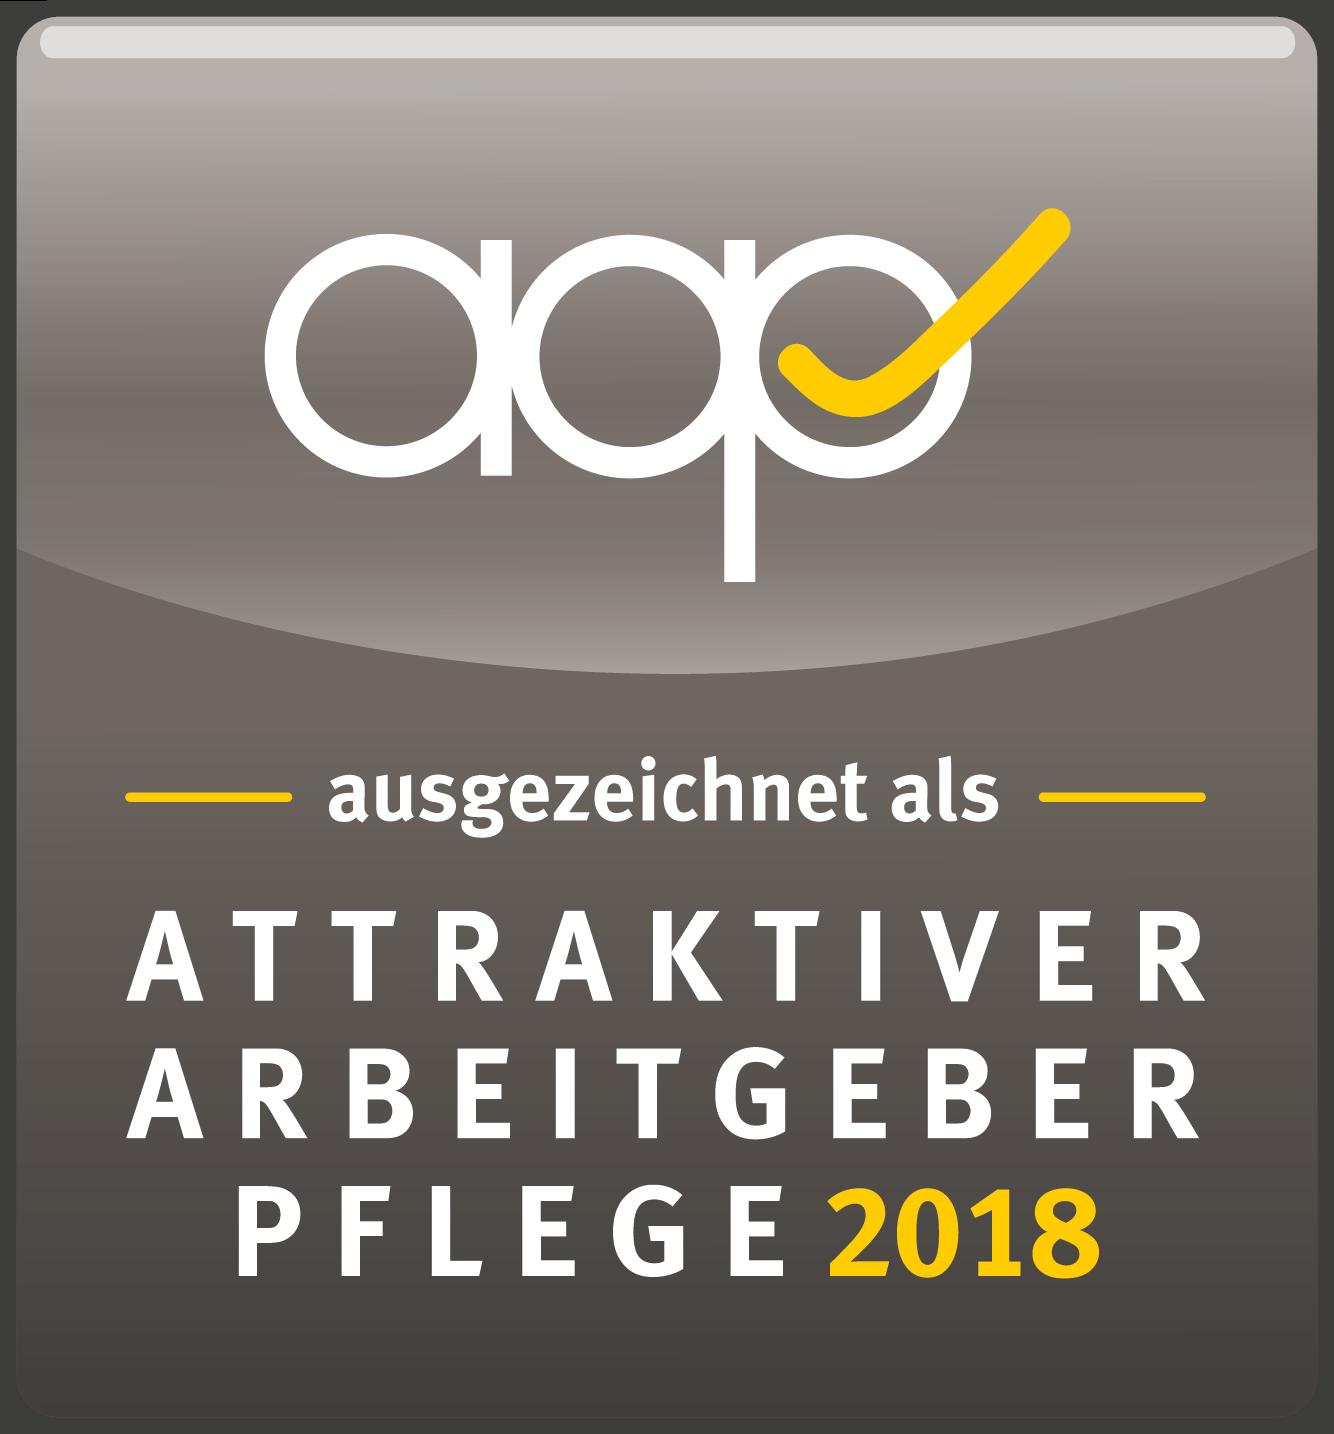 Timm Pflege ausgezeichnet als Attraktiver Arbeitgeber Pflege 2018